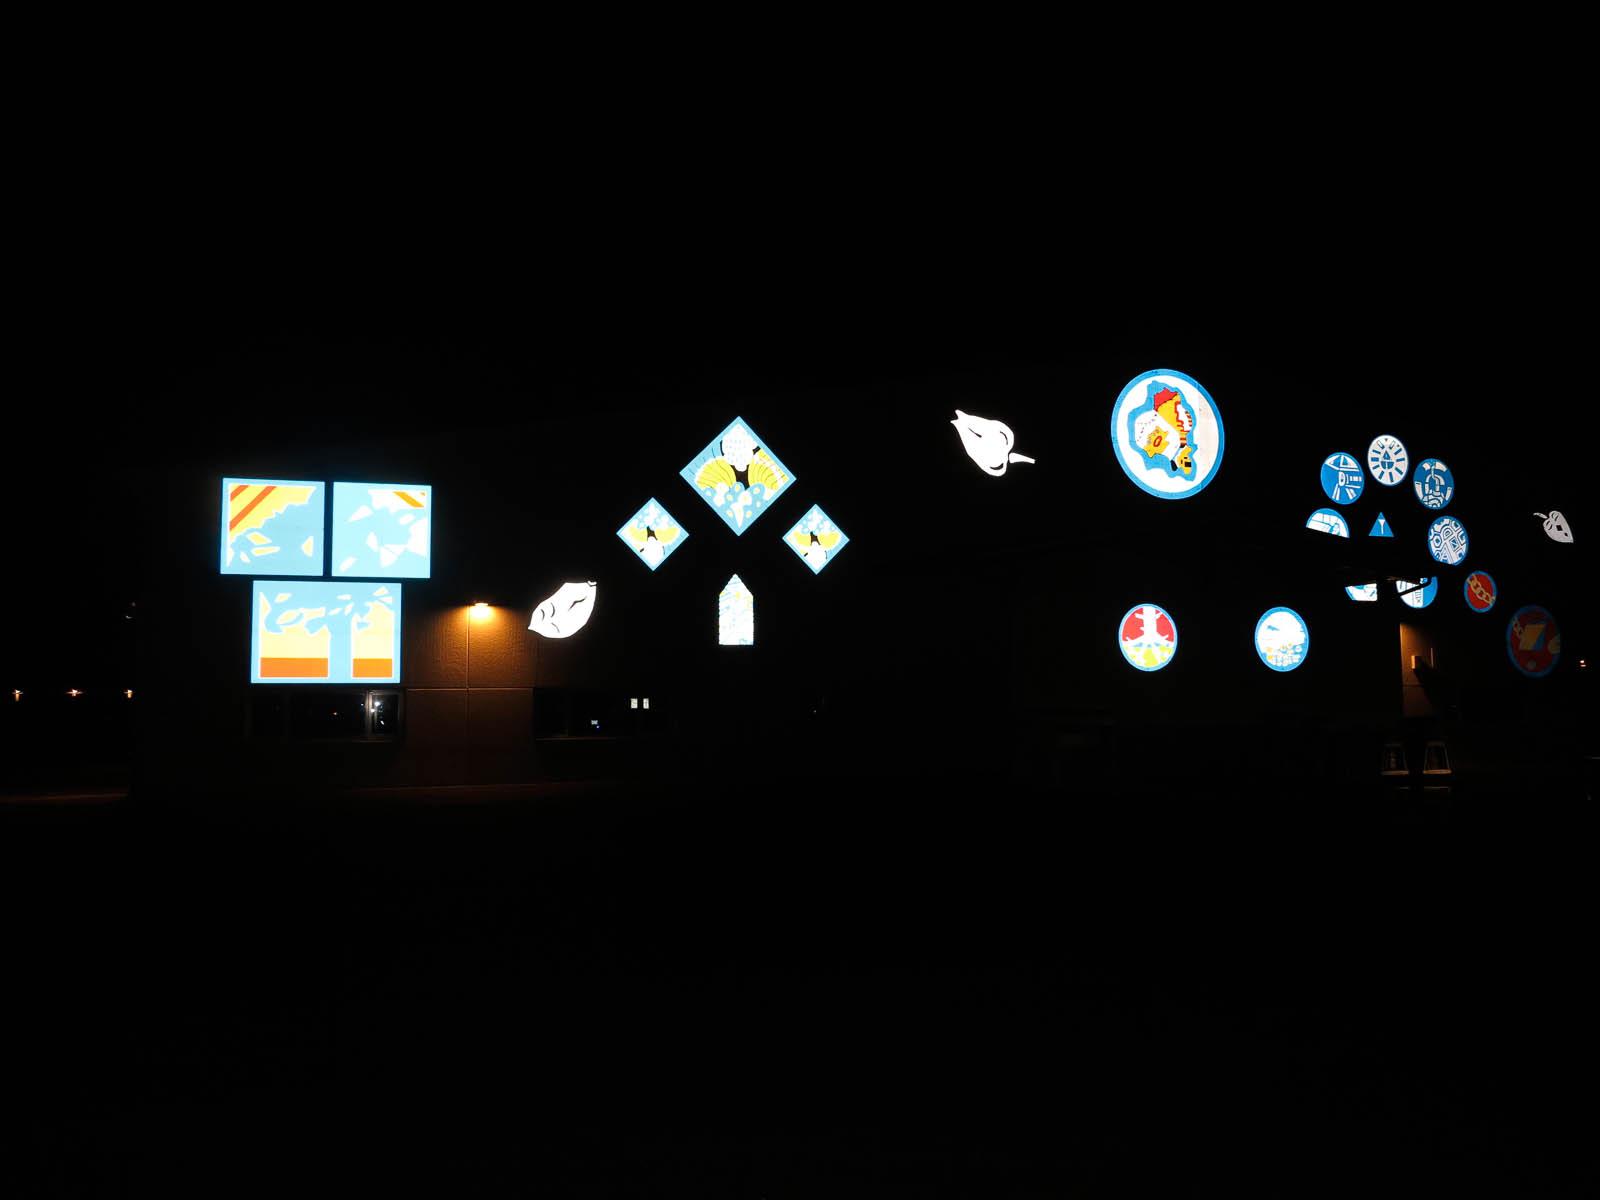 I mörkret syns nästan enbart de ljusreflekterande skyltarna. Anton Wiraeus, Vägledare (2013)